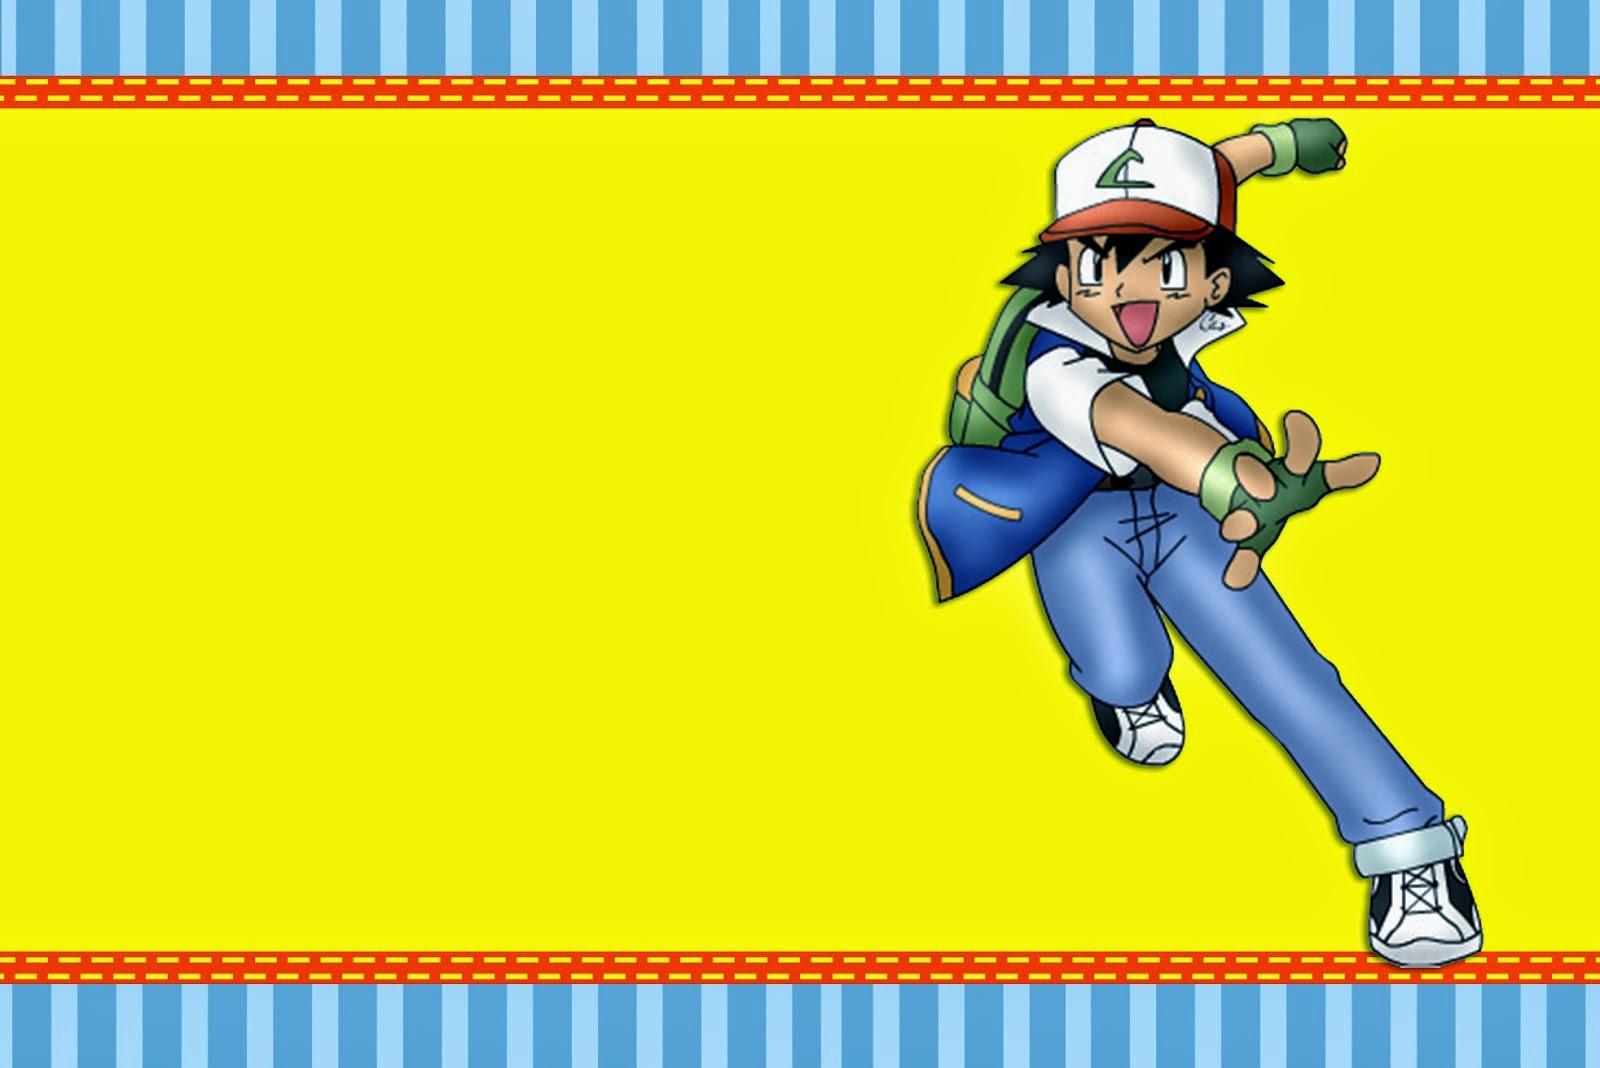 Para hacer invitaciones, tarjetas, marcos de fotos o etiquetas de Pokemon, para imprimir gratis.